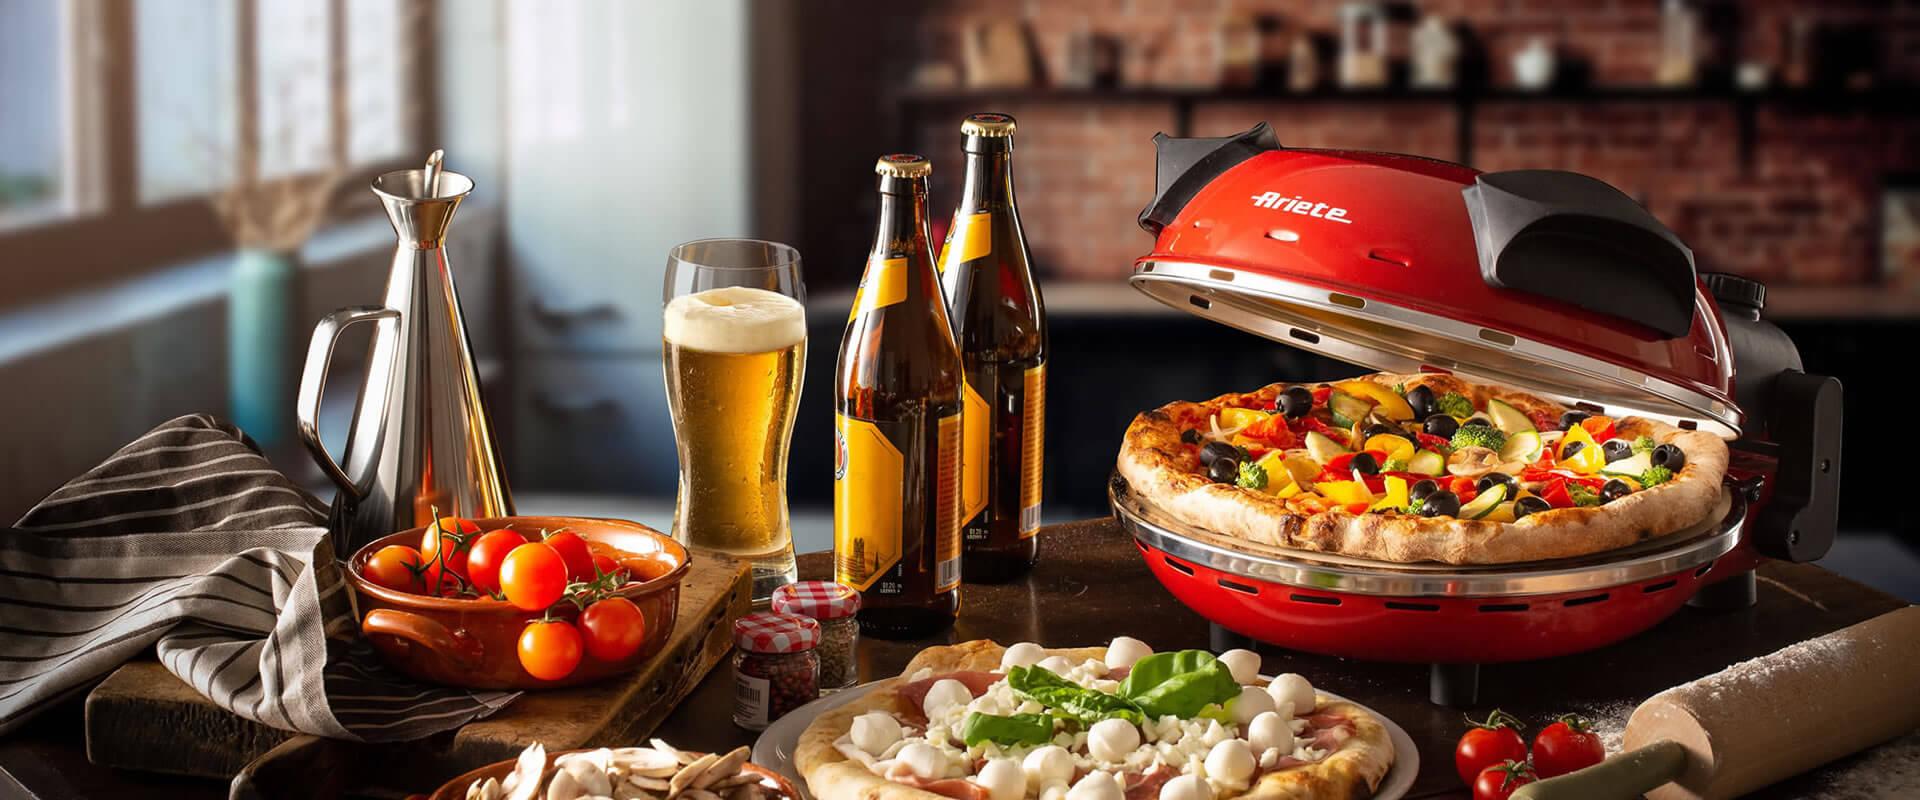 ariete forno pizza e birra